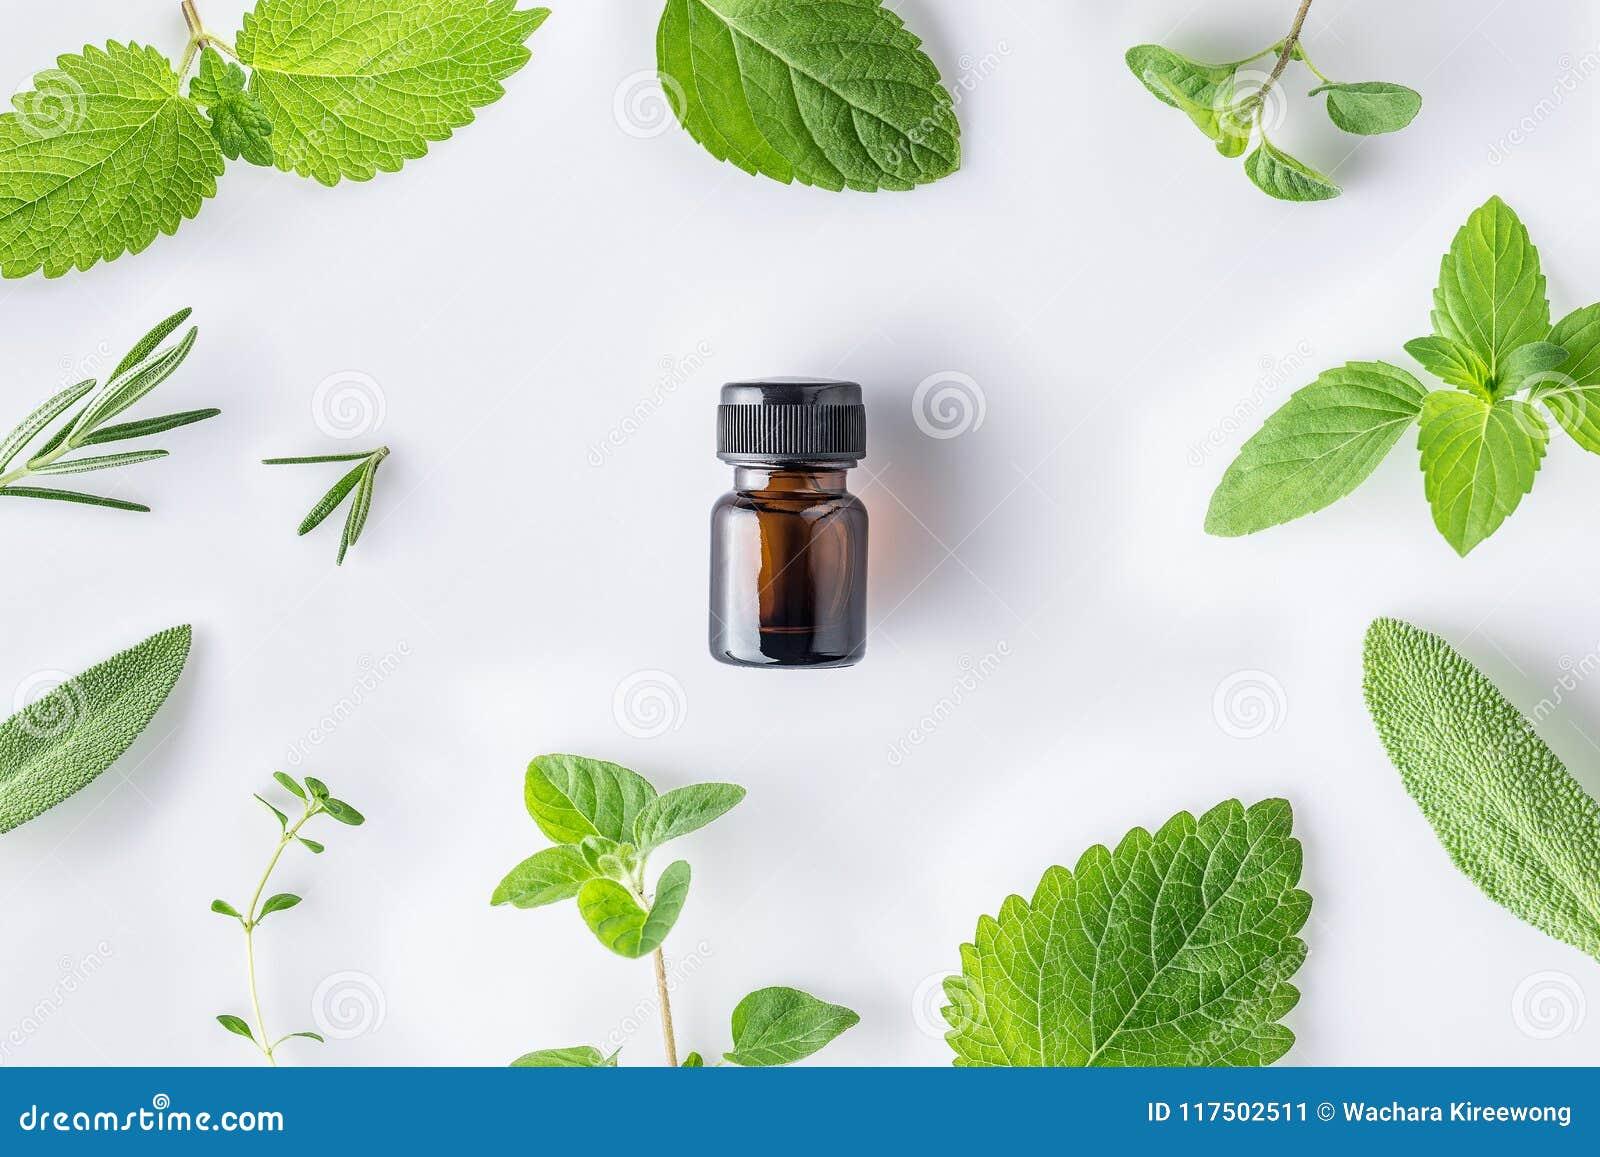 Fles etherische olie met verse kruidensalie, oregan rozemarijn,